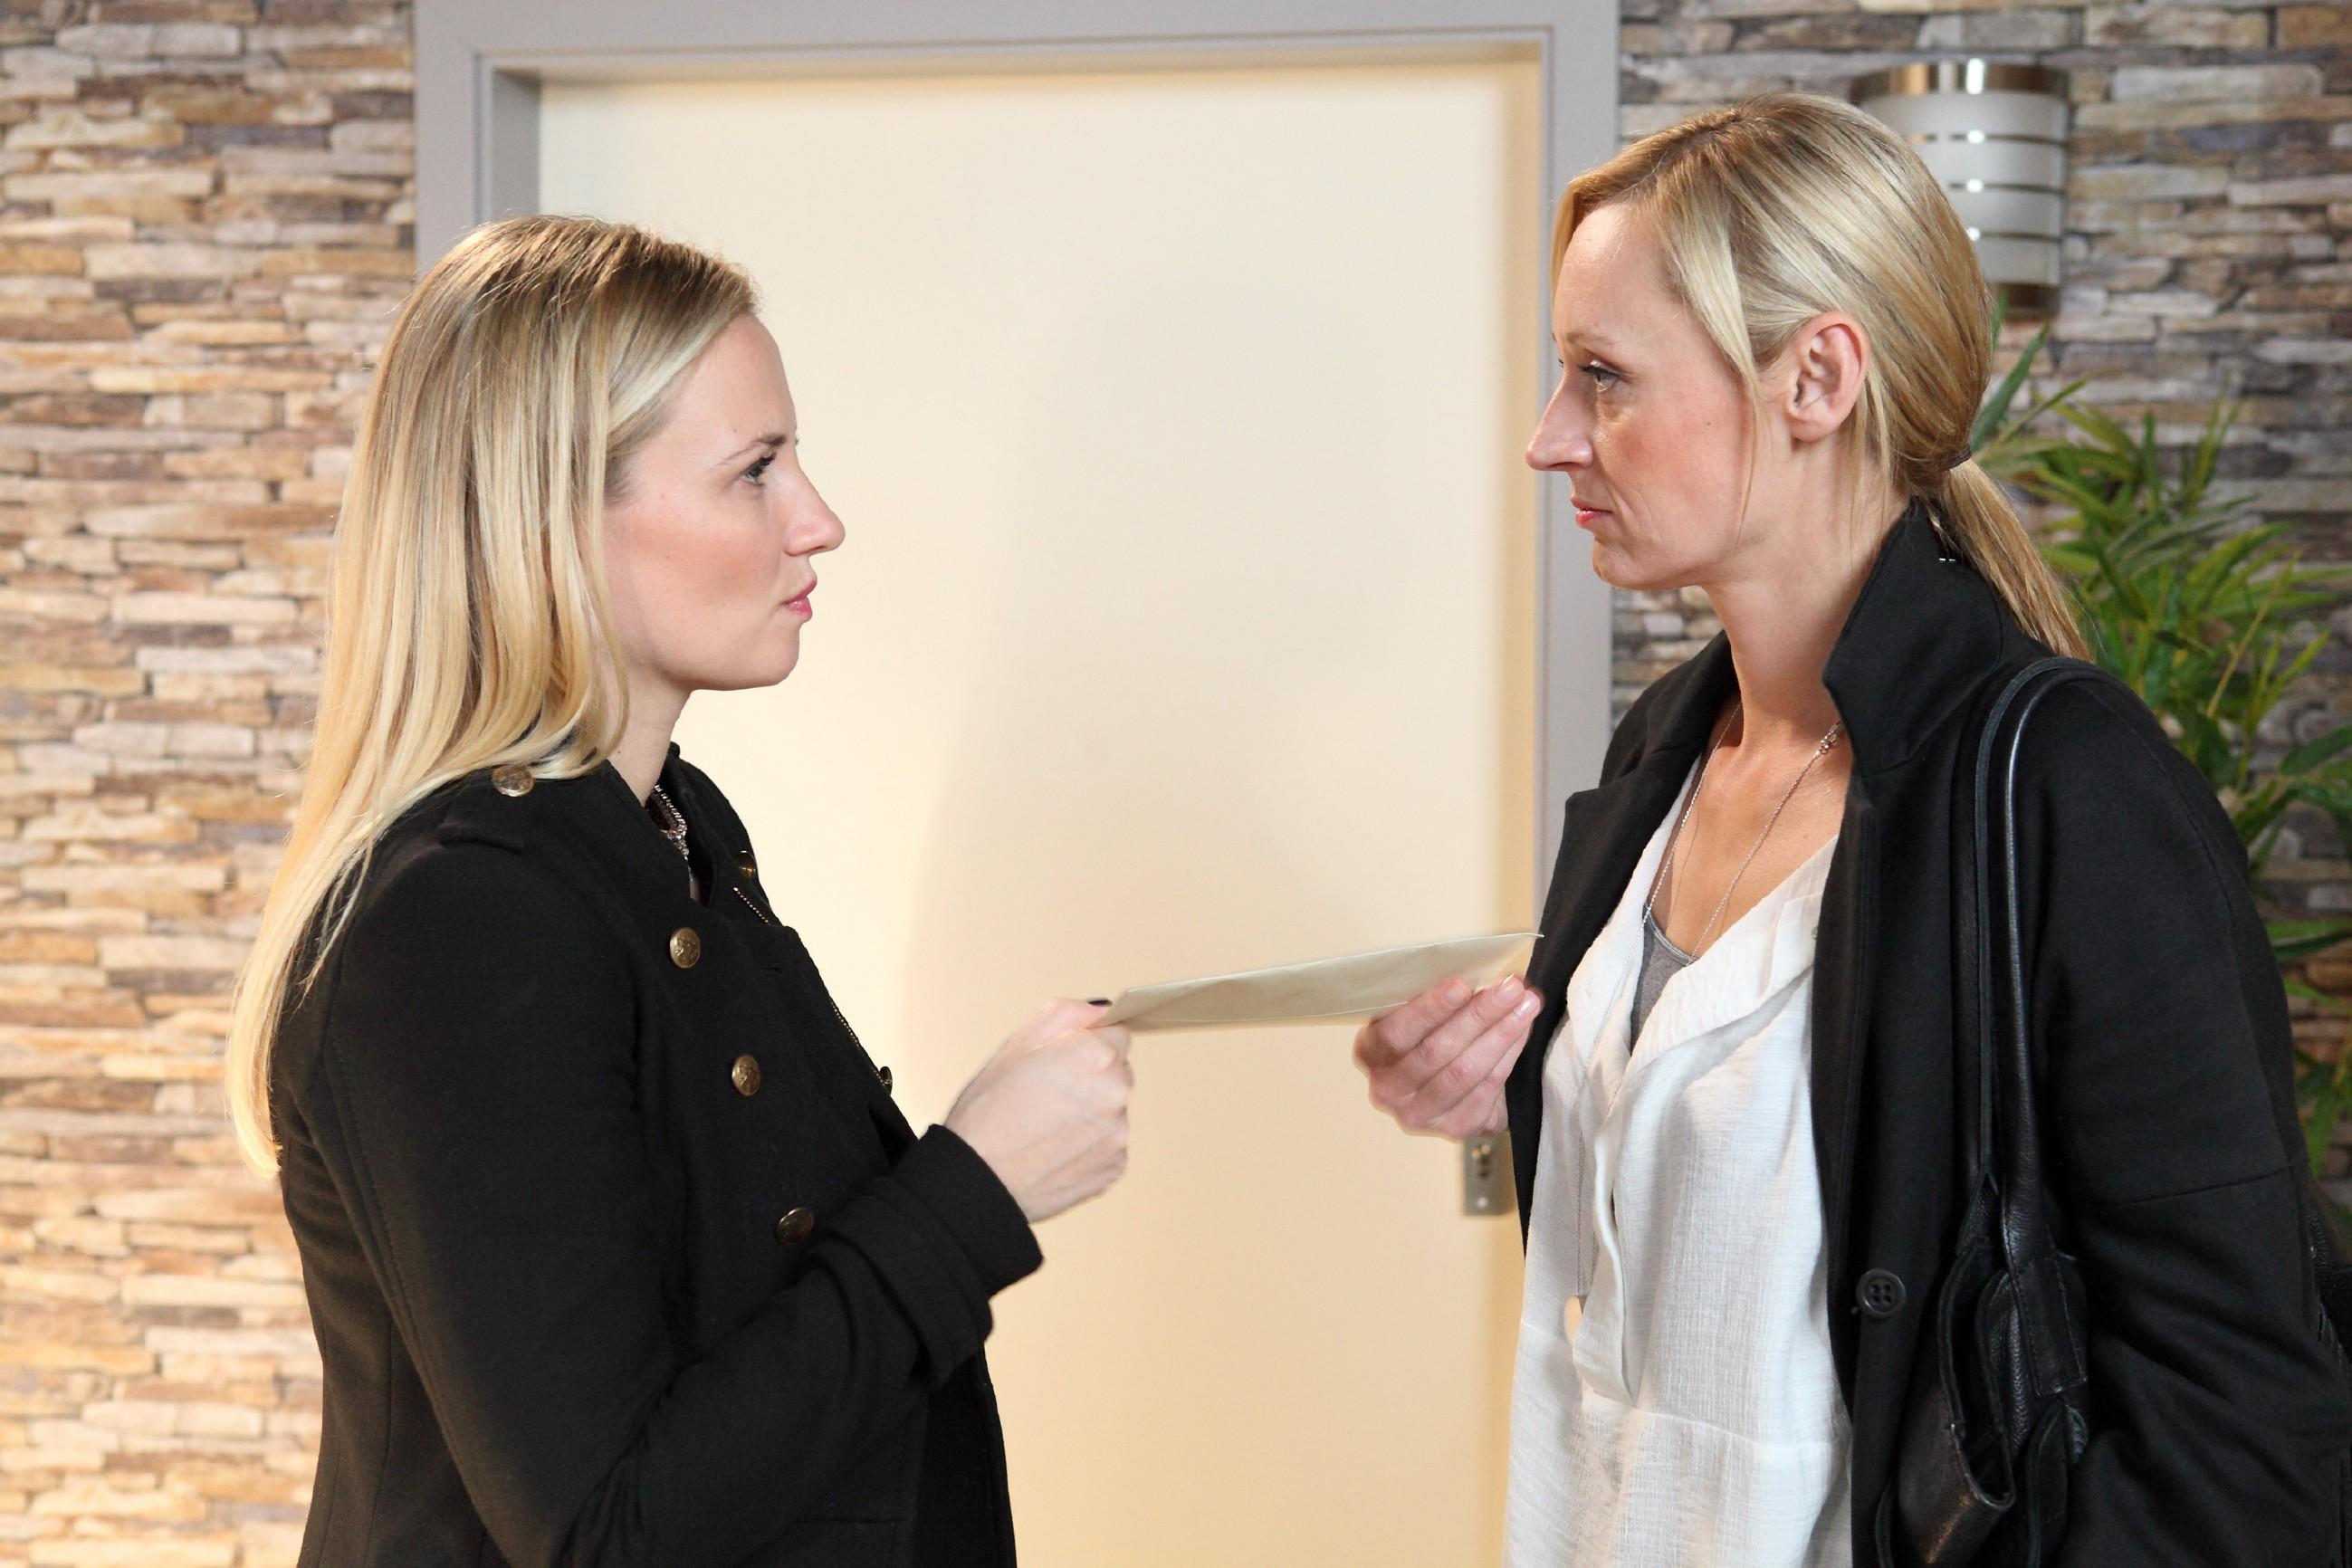 Isabelle (Ania Niedieck, l.) macht Sonja (Barbara Sotelsek) unmissverständlich klar, dass Thomas jetzt mit ihr zusammen lebt. (Quelle: RTL / Frank Hempel)